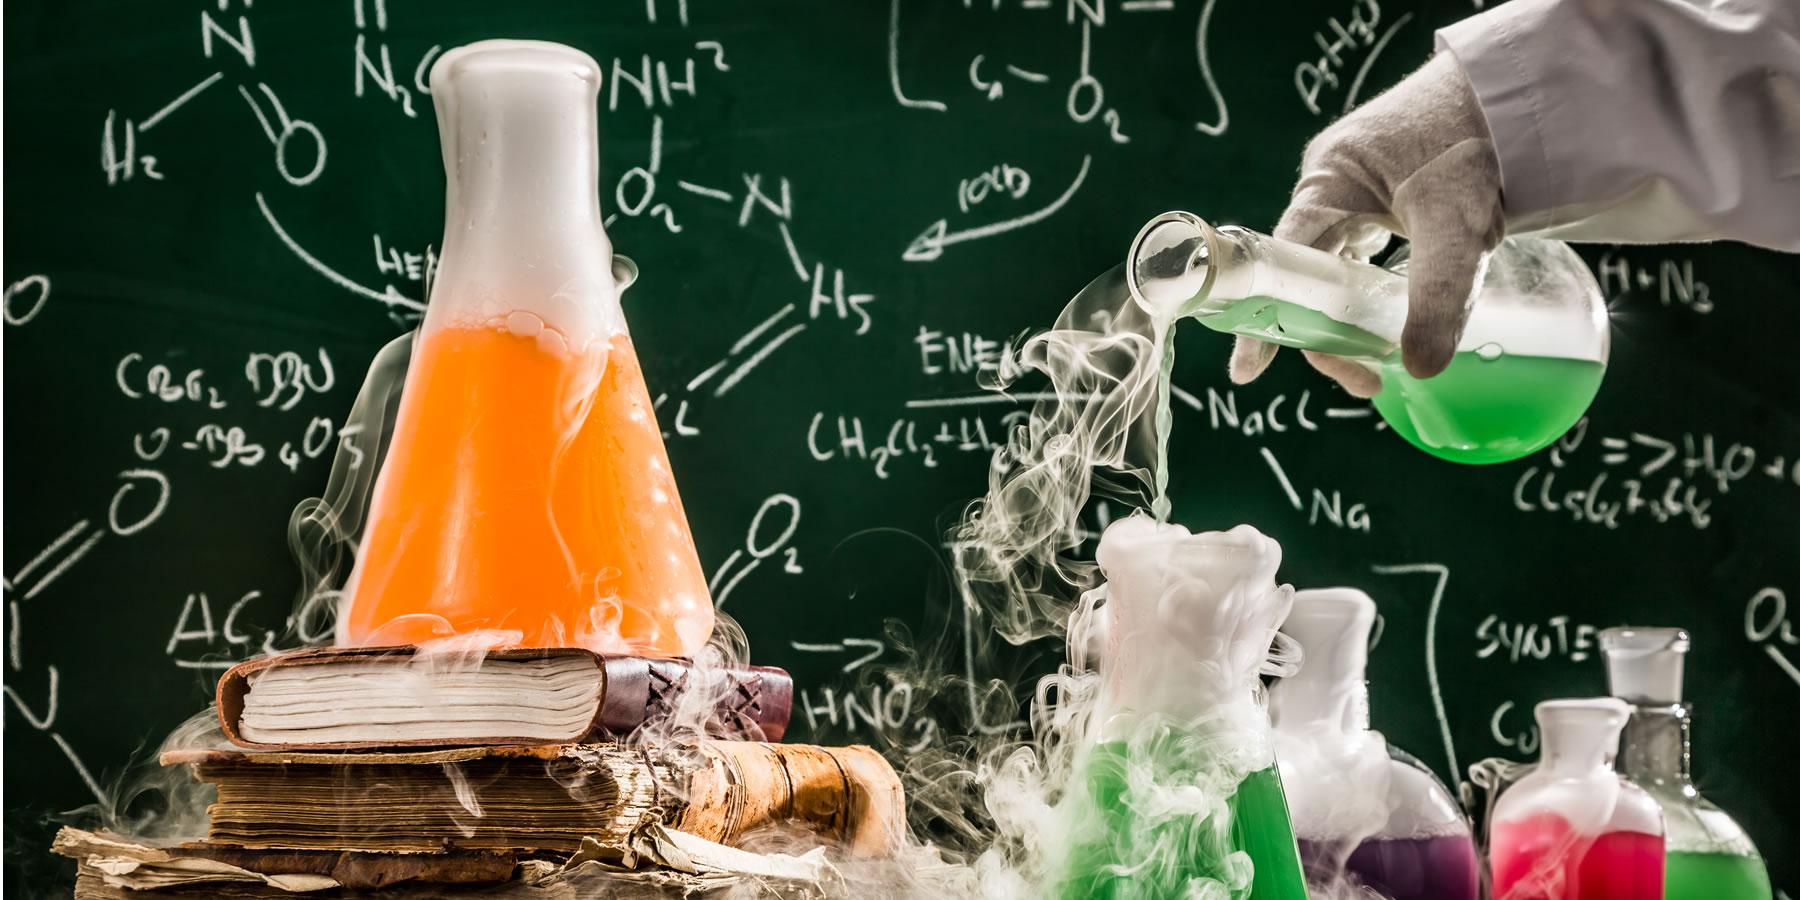 поиск фото к недели химии заявлений расставании турецкие